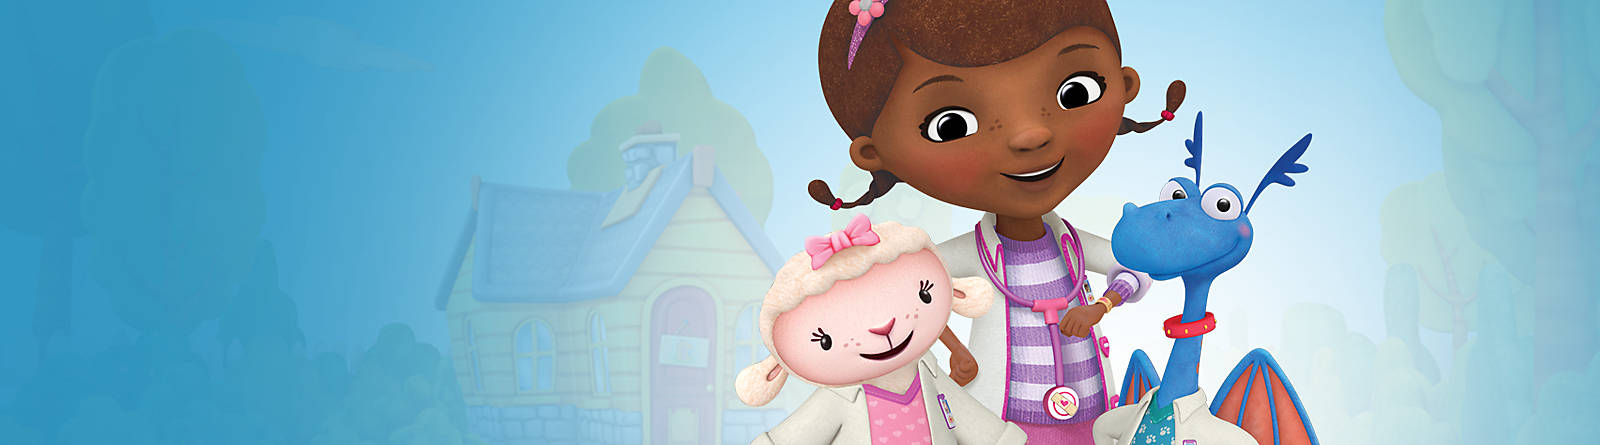 Dottoressa Peluche La magia Disney rivive a casa tua! Vieni a scoprire la nostra fantastica gamma di prodotti Dottoressa Peluche, tra cui giocattoli, set da giochi, costumi e tante altre novità e sorprese targate Disney che aspettano solo te.